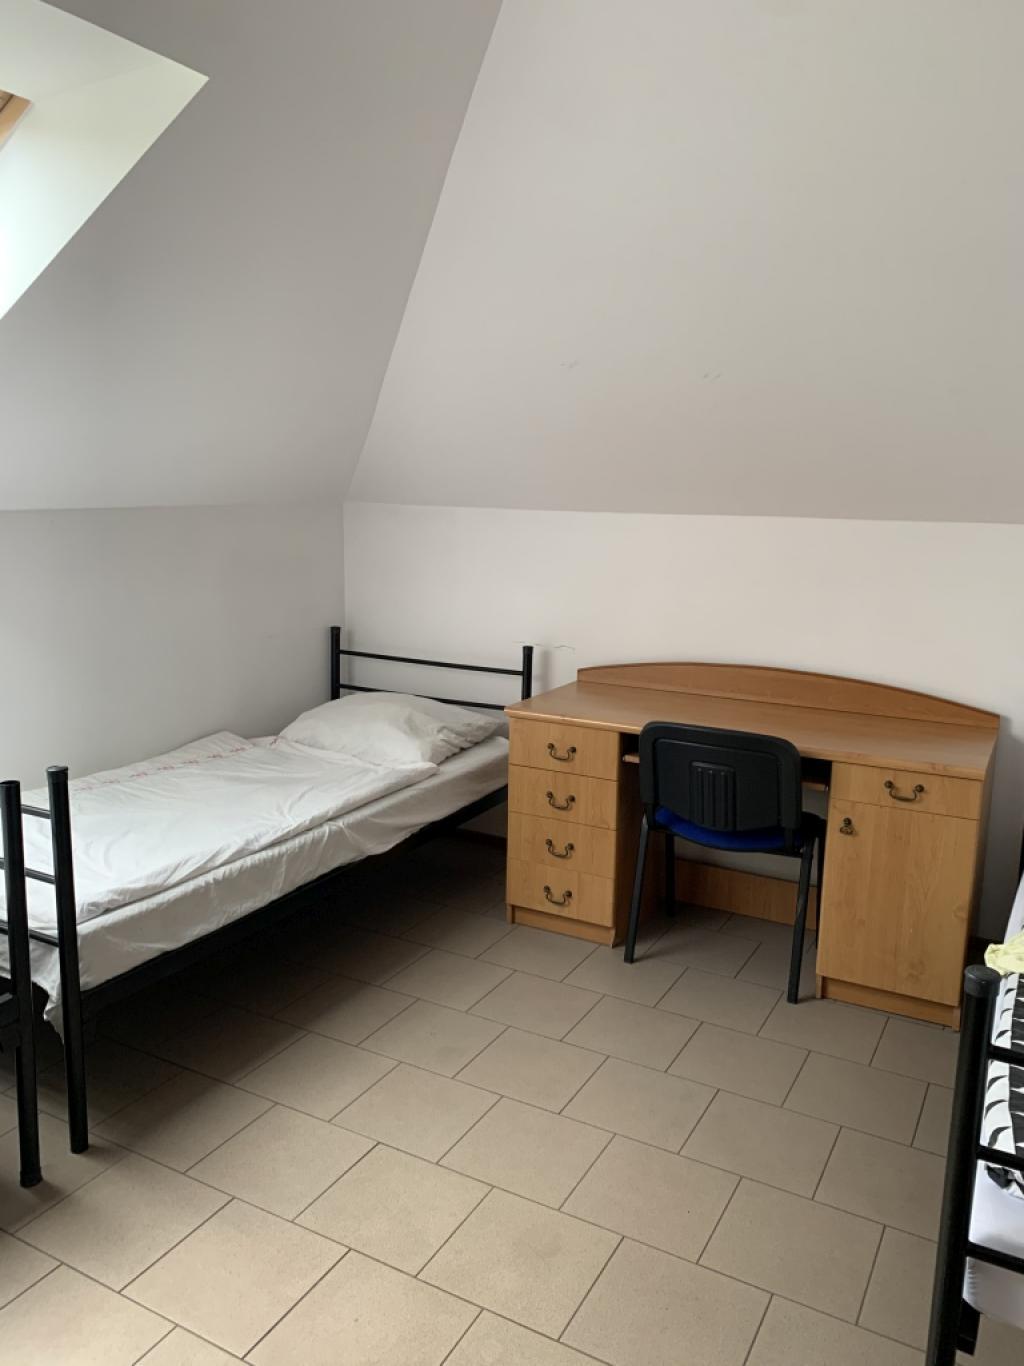 Zdjęcie 10 Pokój dla pracowników Katowice Świderskiego TanieZakwaterowanie